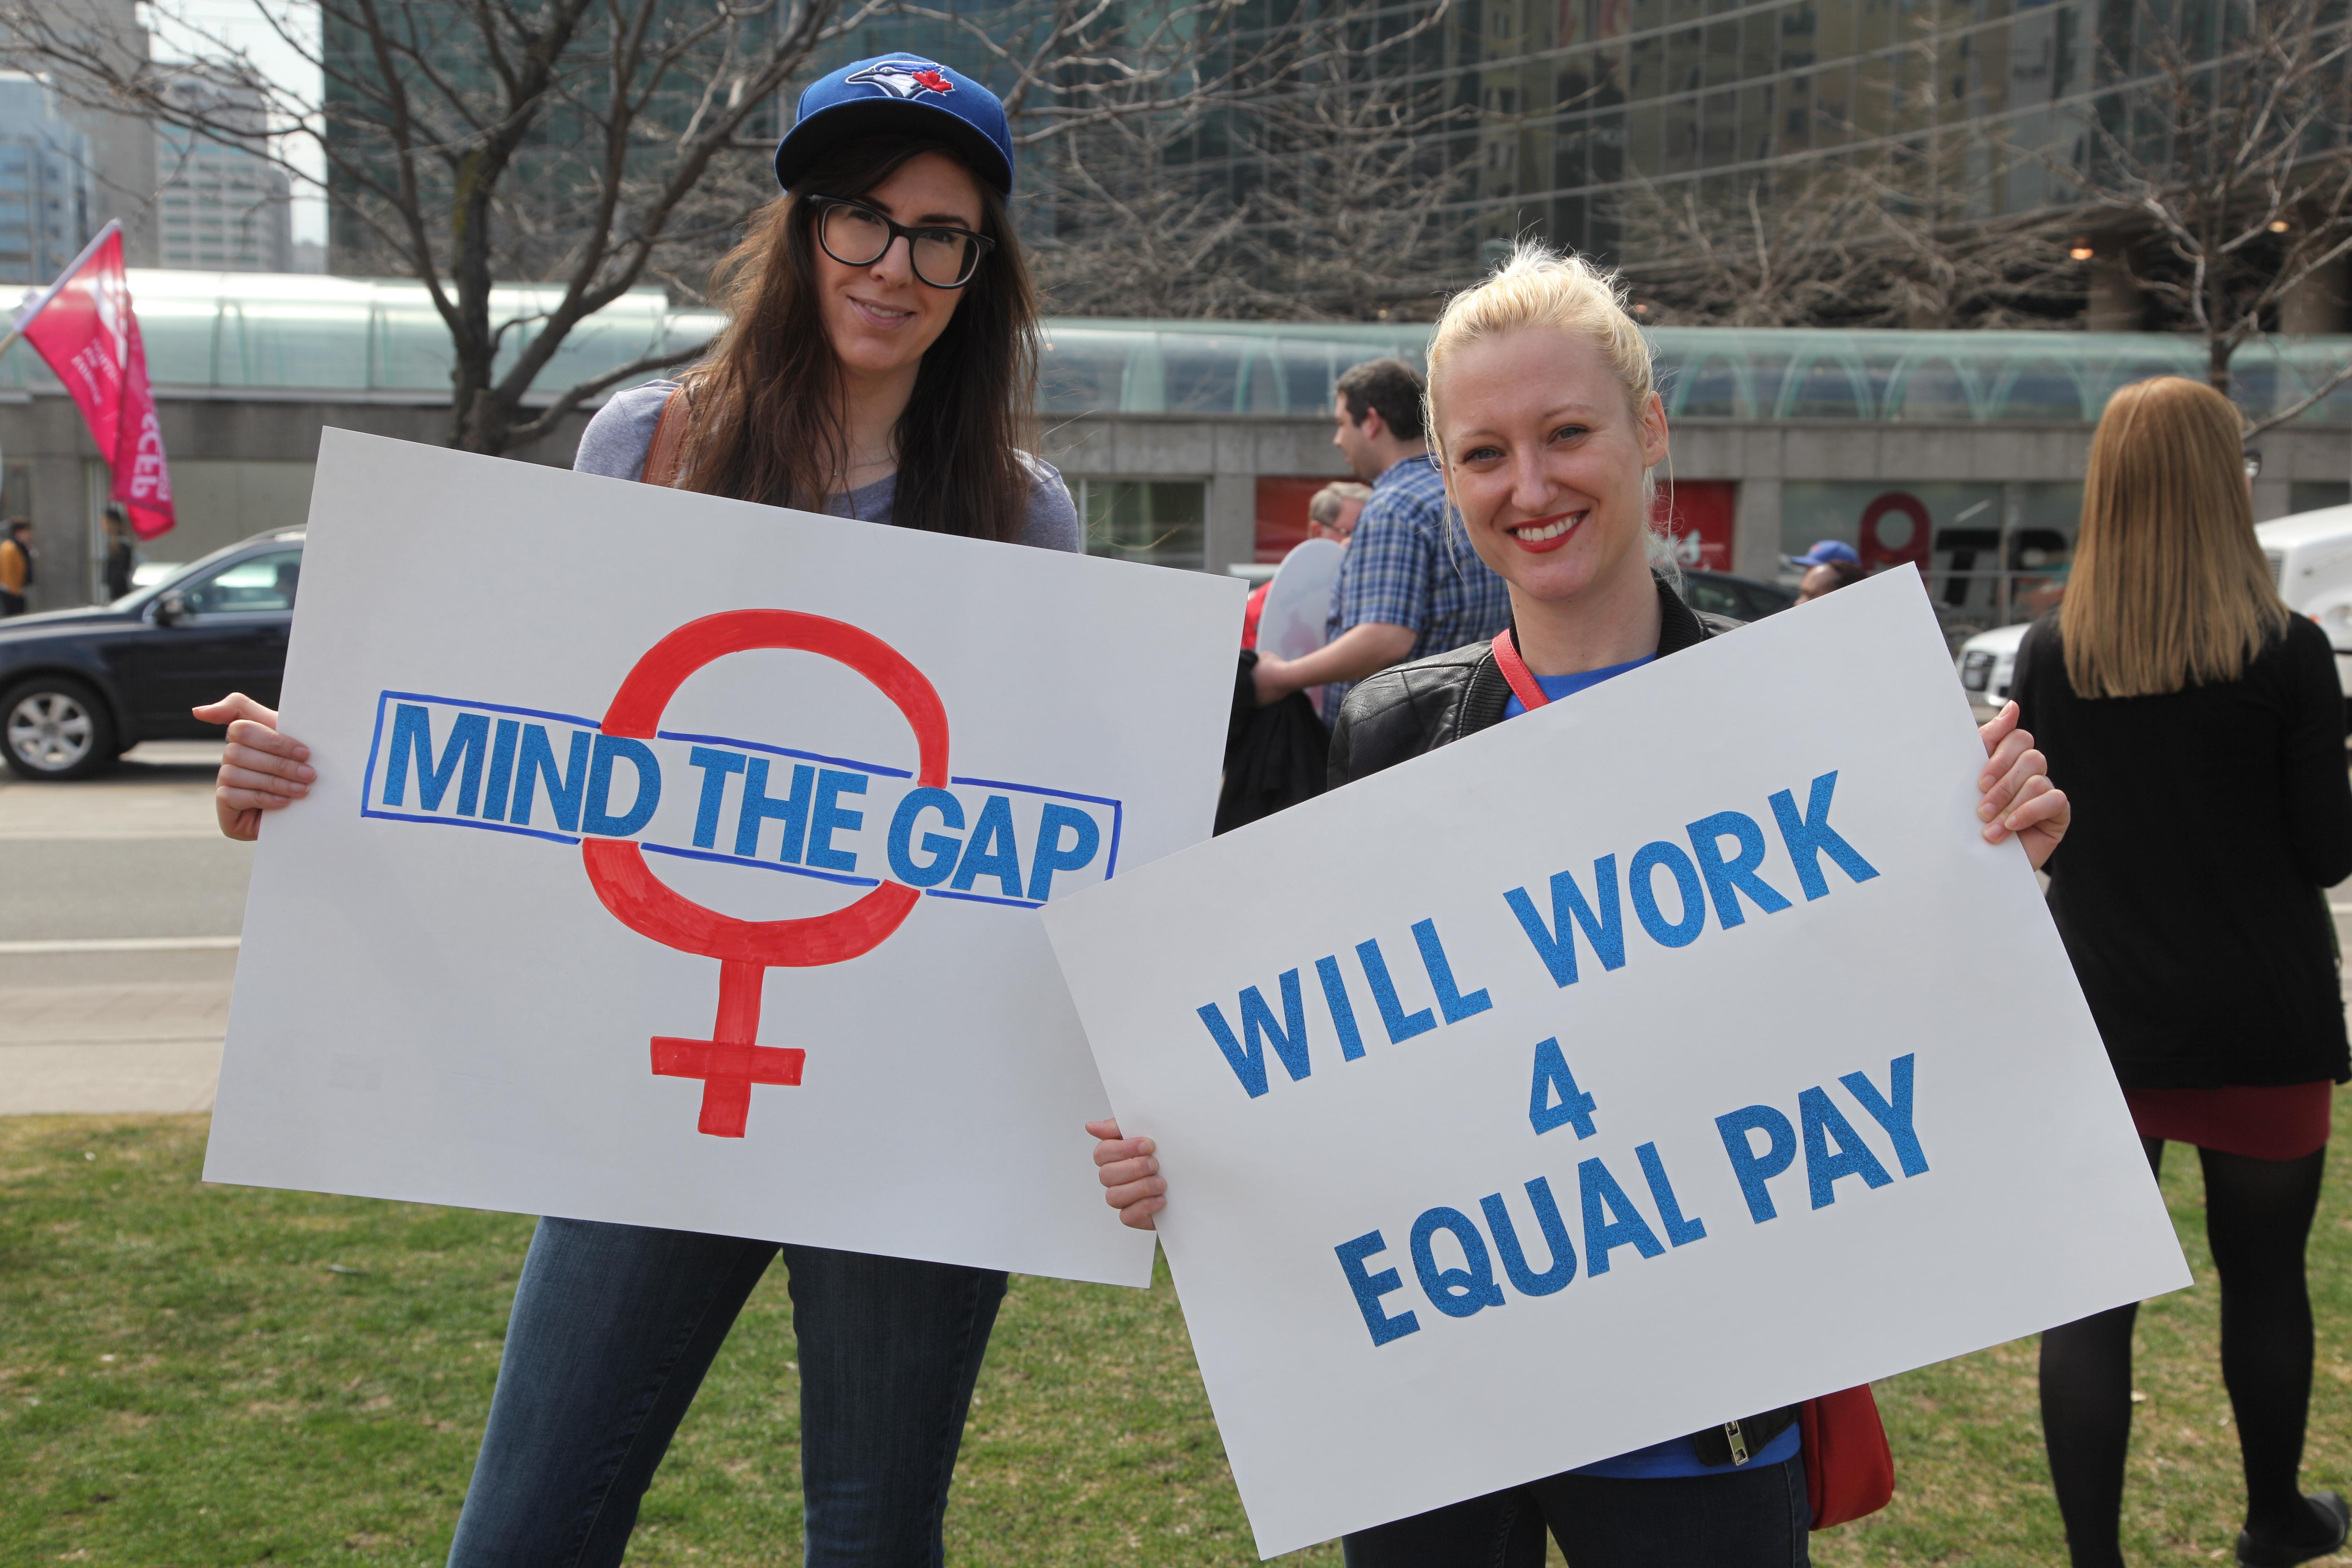 Már csak 202 évre lehetünk attól, hogy megszűnjön a nők és férfiak közötti bérkülönbség